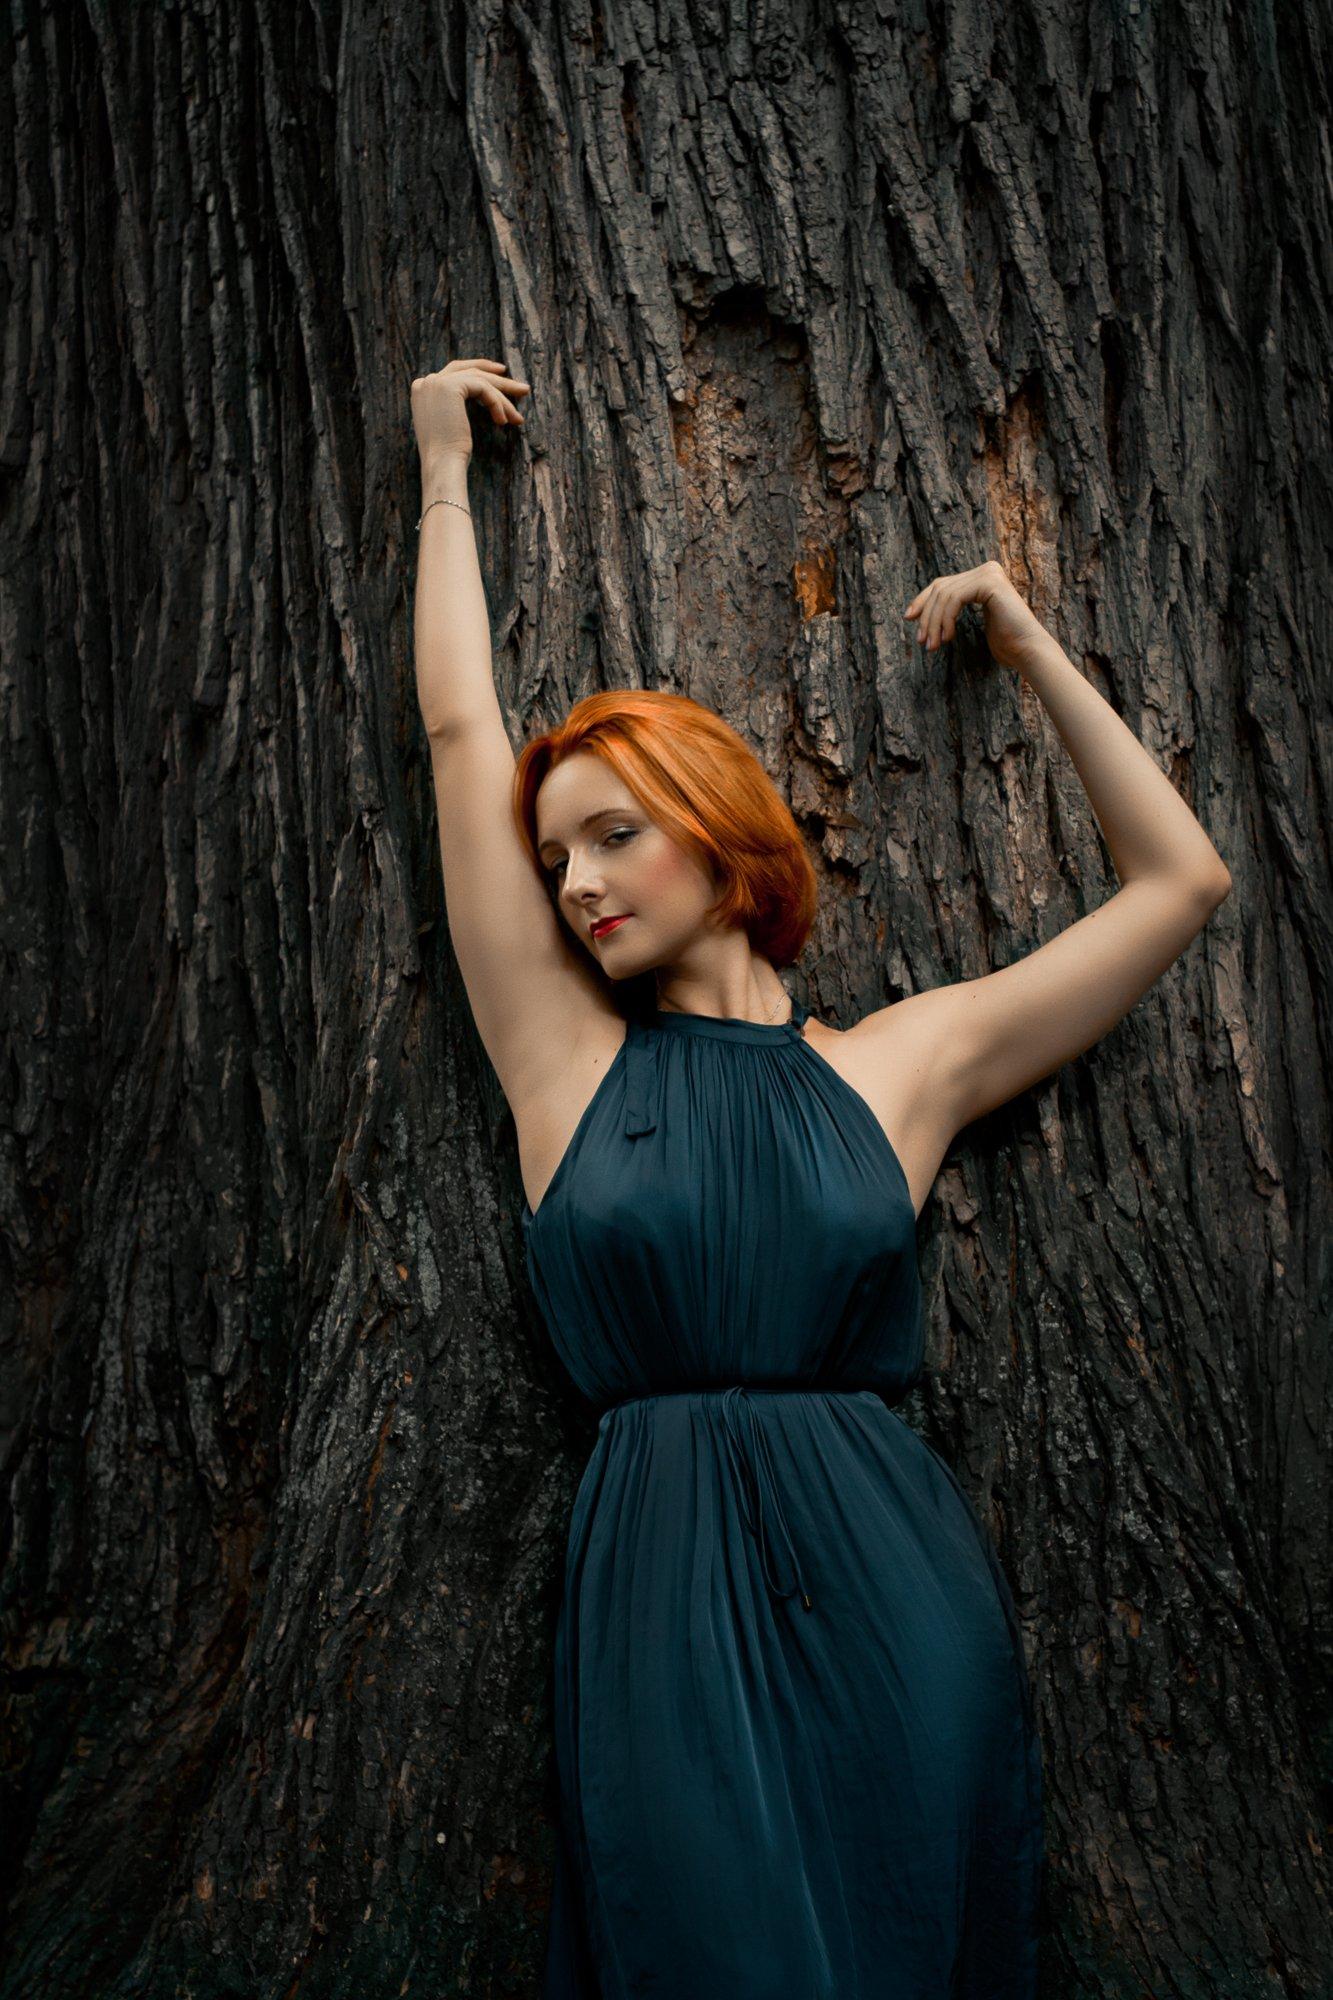 девушка, дерево, портрет, пленэр, рыжая, , Наталья Голубева